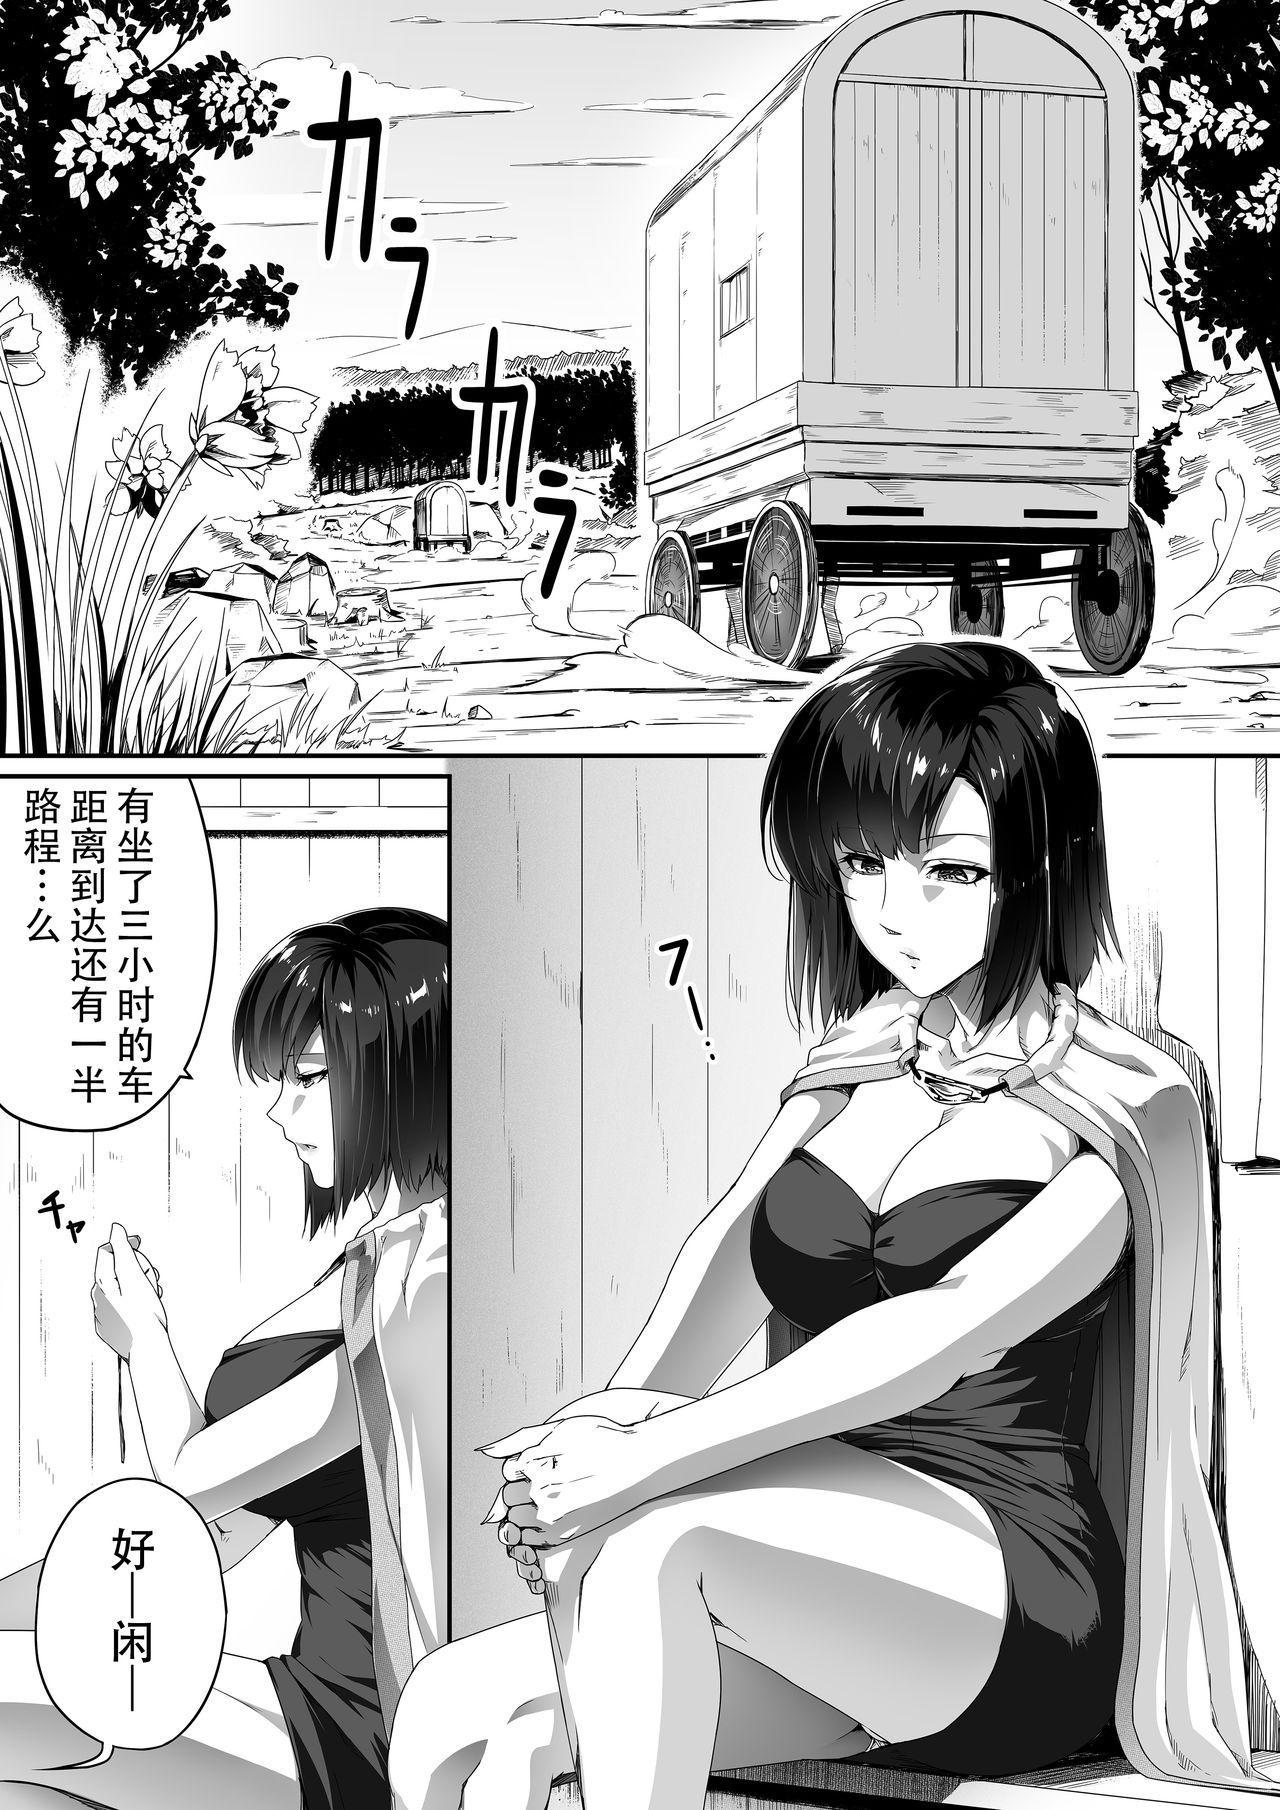 Chikara Aru Succubus wa Seiyoku o Mitashitai dake. 1 7